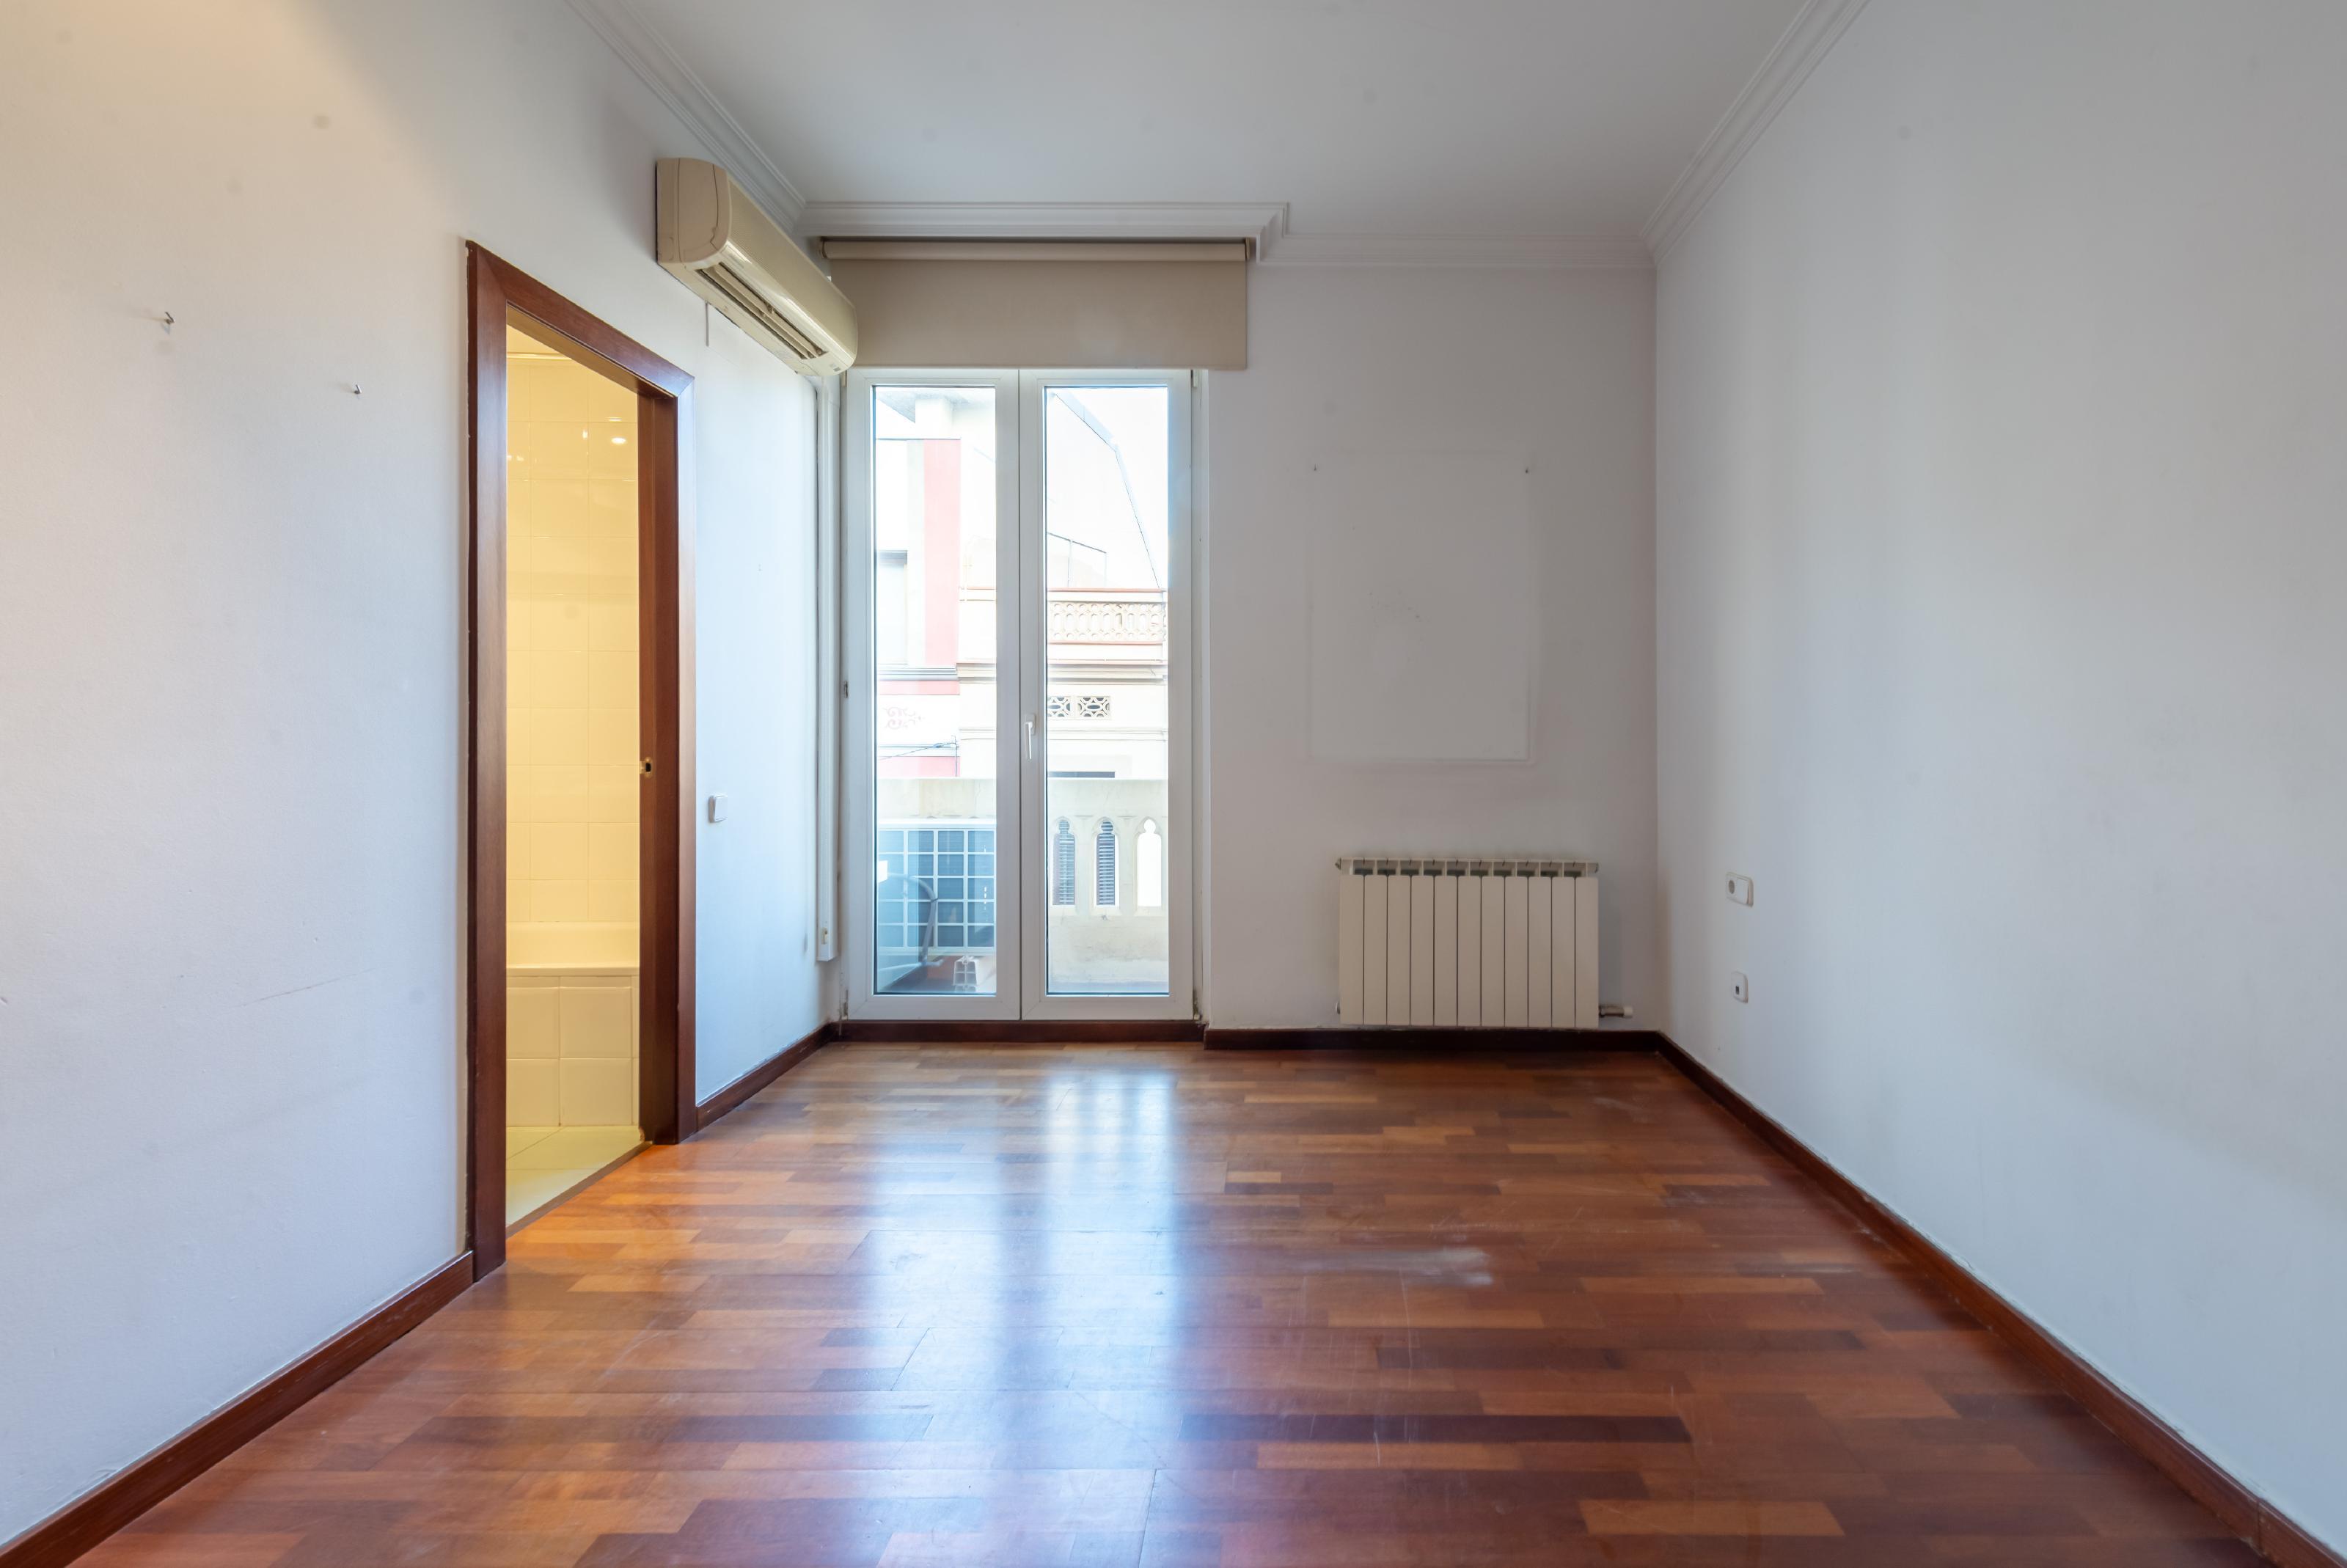 246020 Flat for sale in Sarrià-Sant Gervasi, Sarrià 17